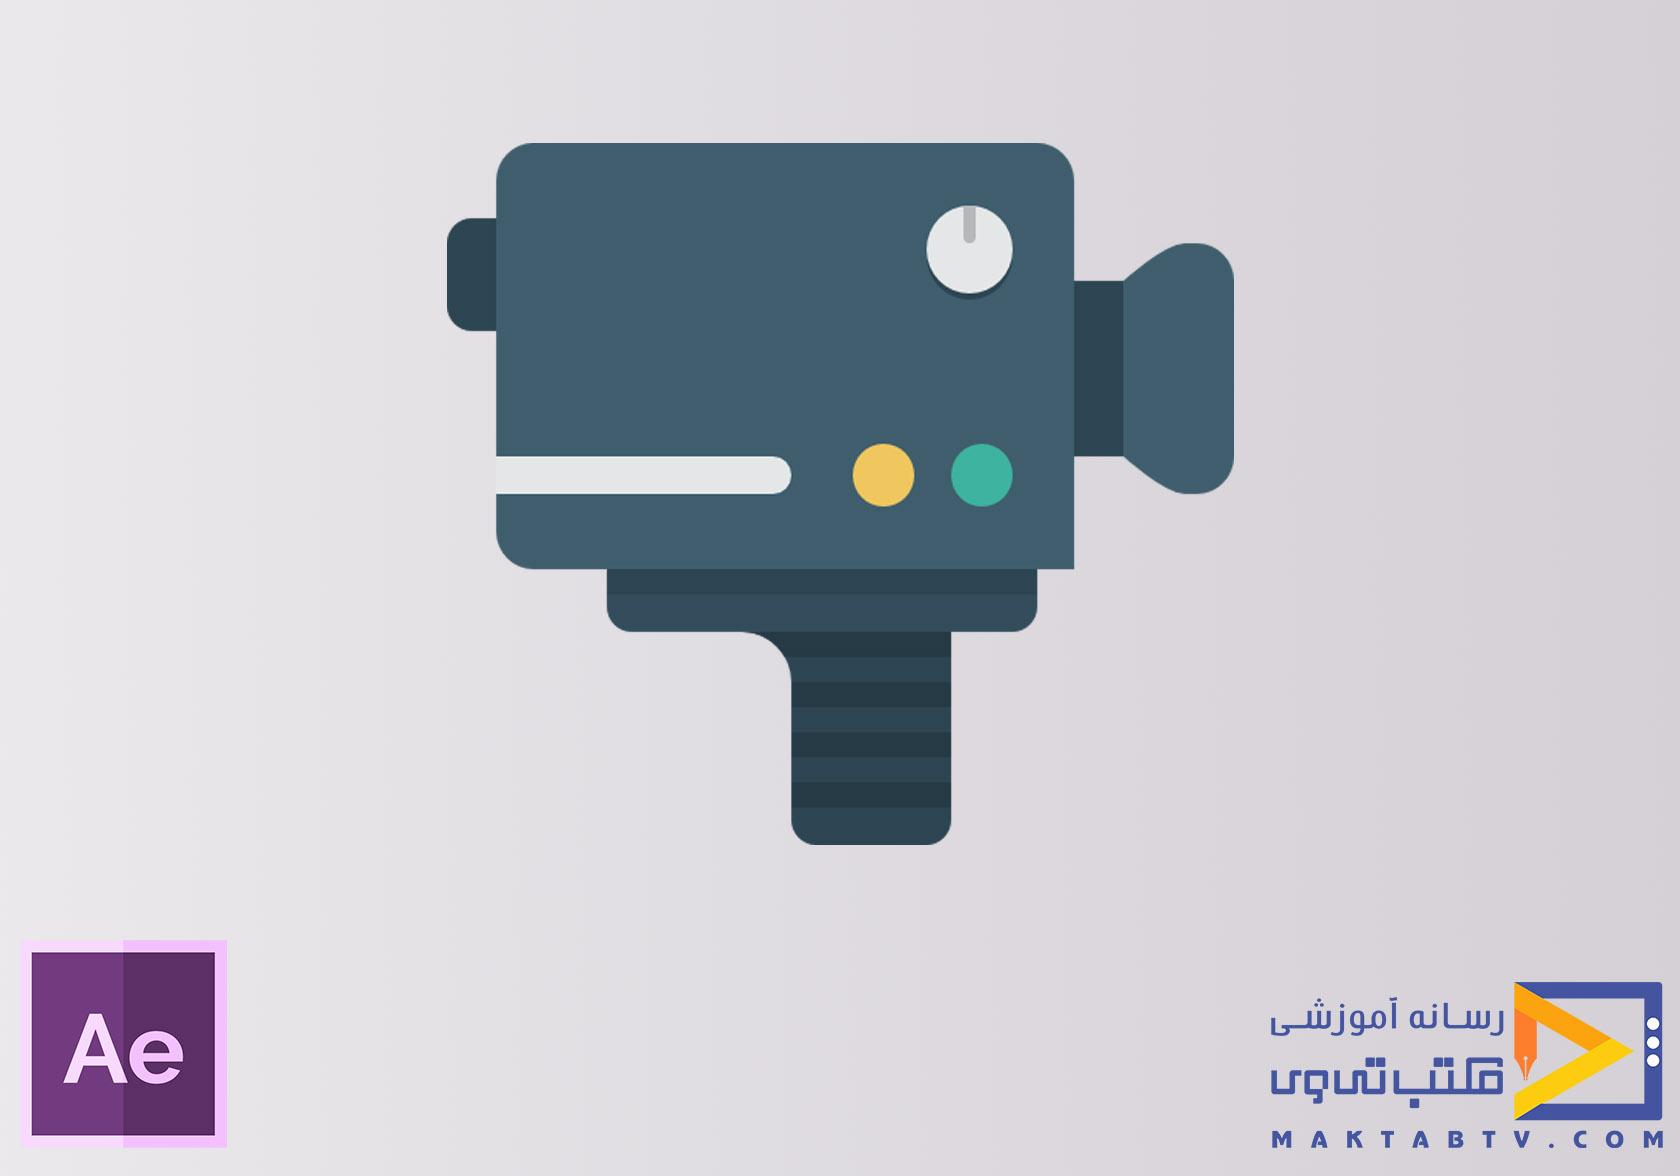 دوربین دو نقطه ای